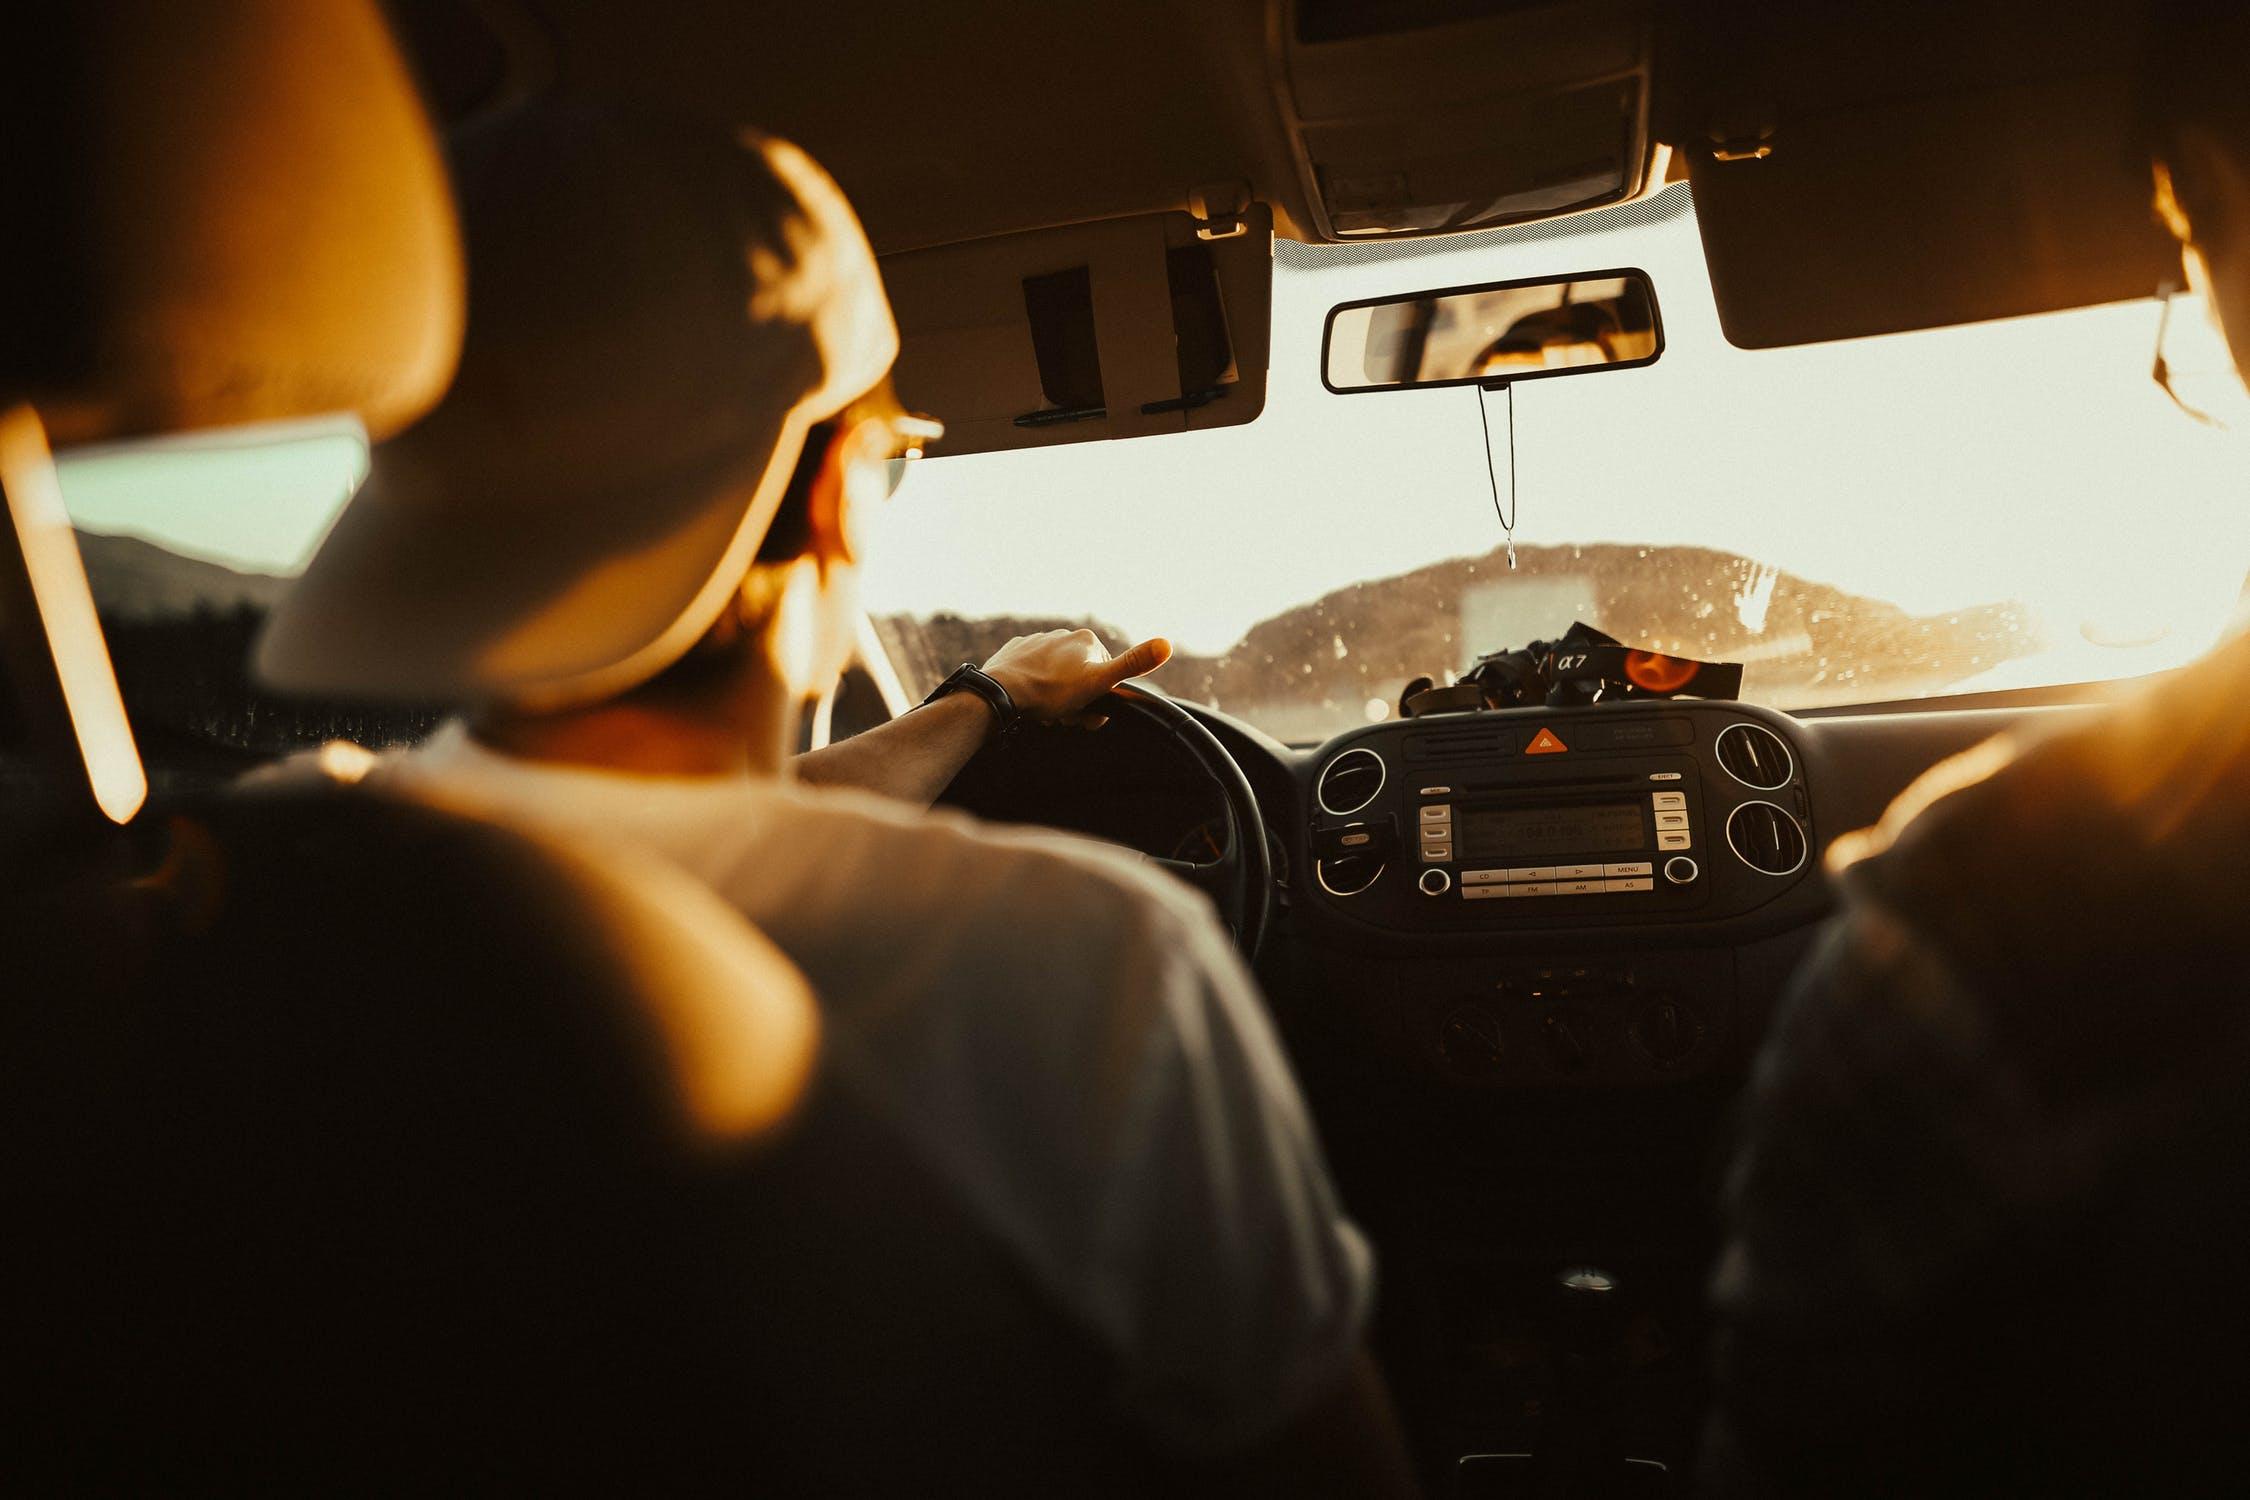 Les formalités pour échanger son permis de conduire étranger pour un permis espagnol sont assez simples